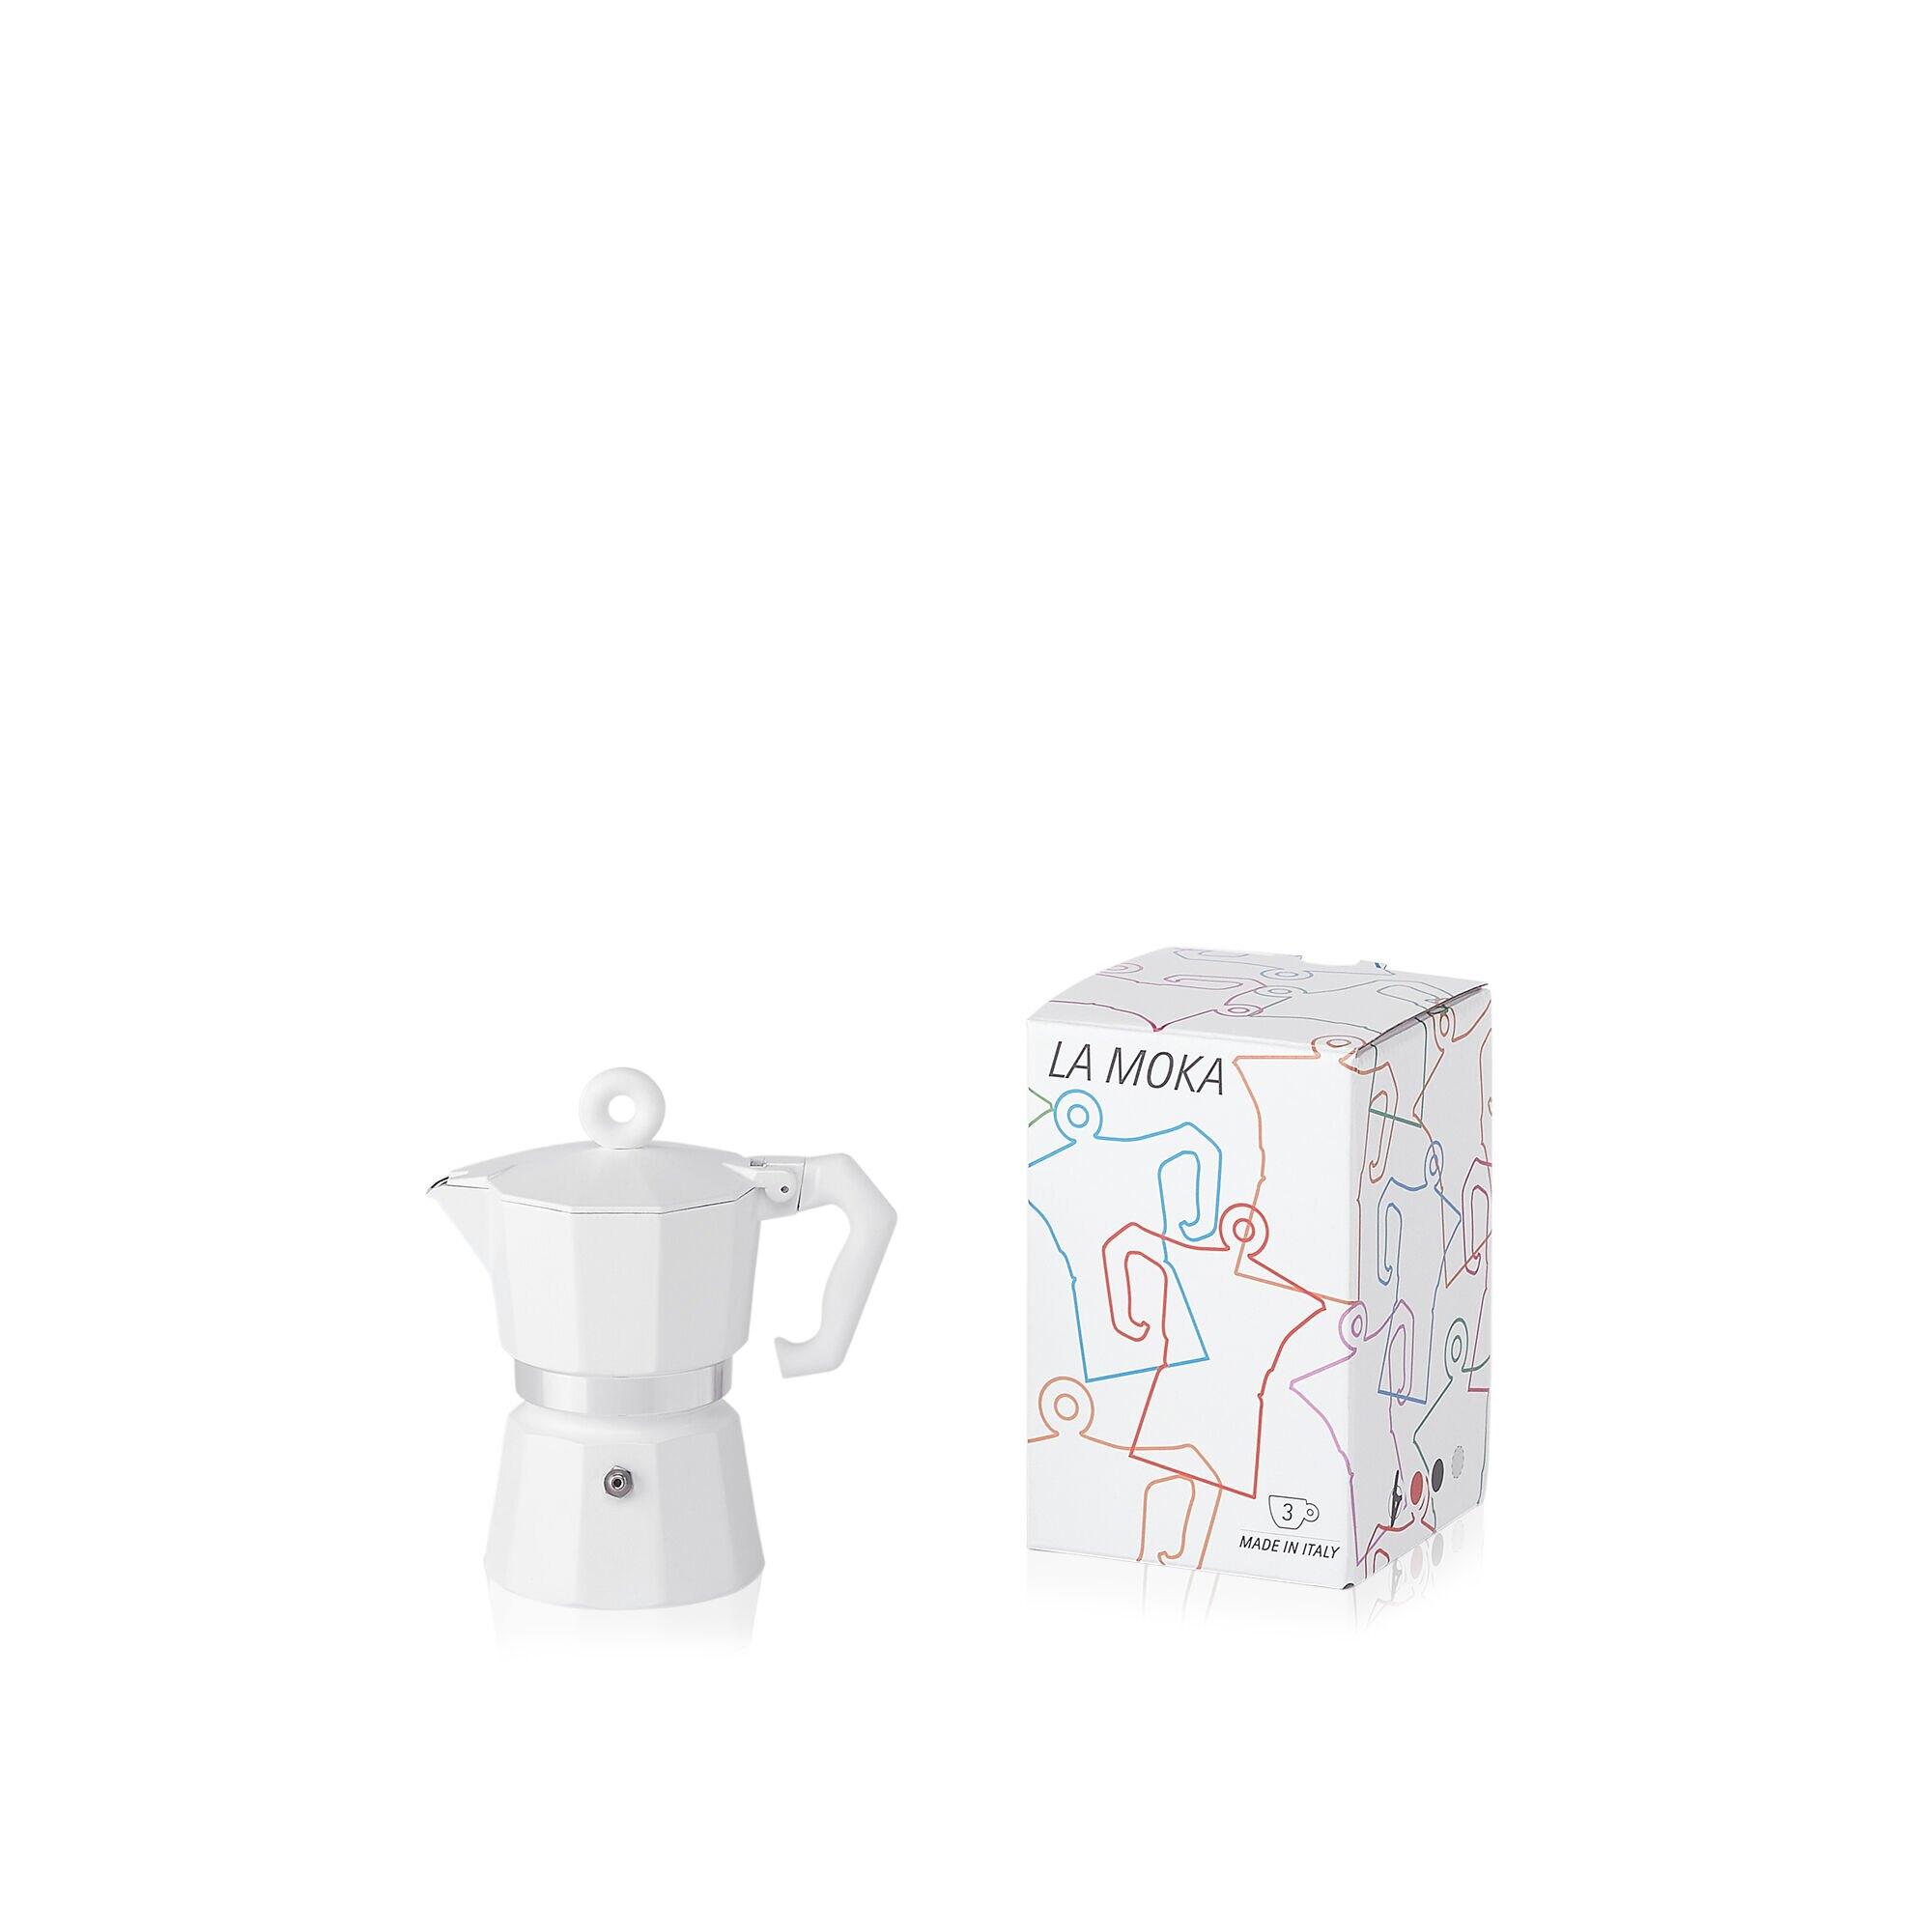 Moka bianca - Caffettiera da 1 tazza